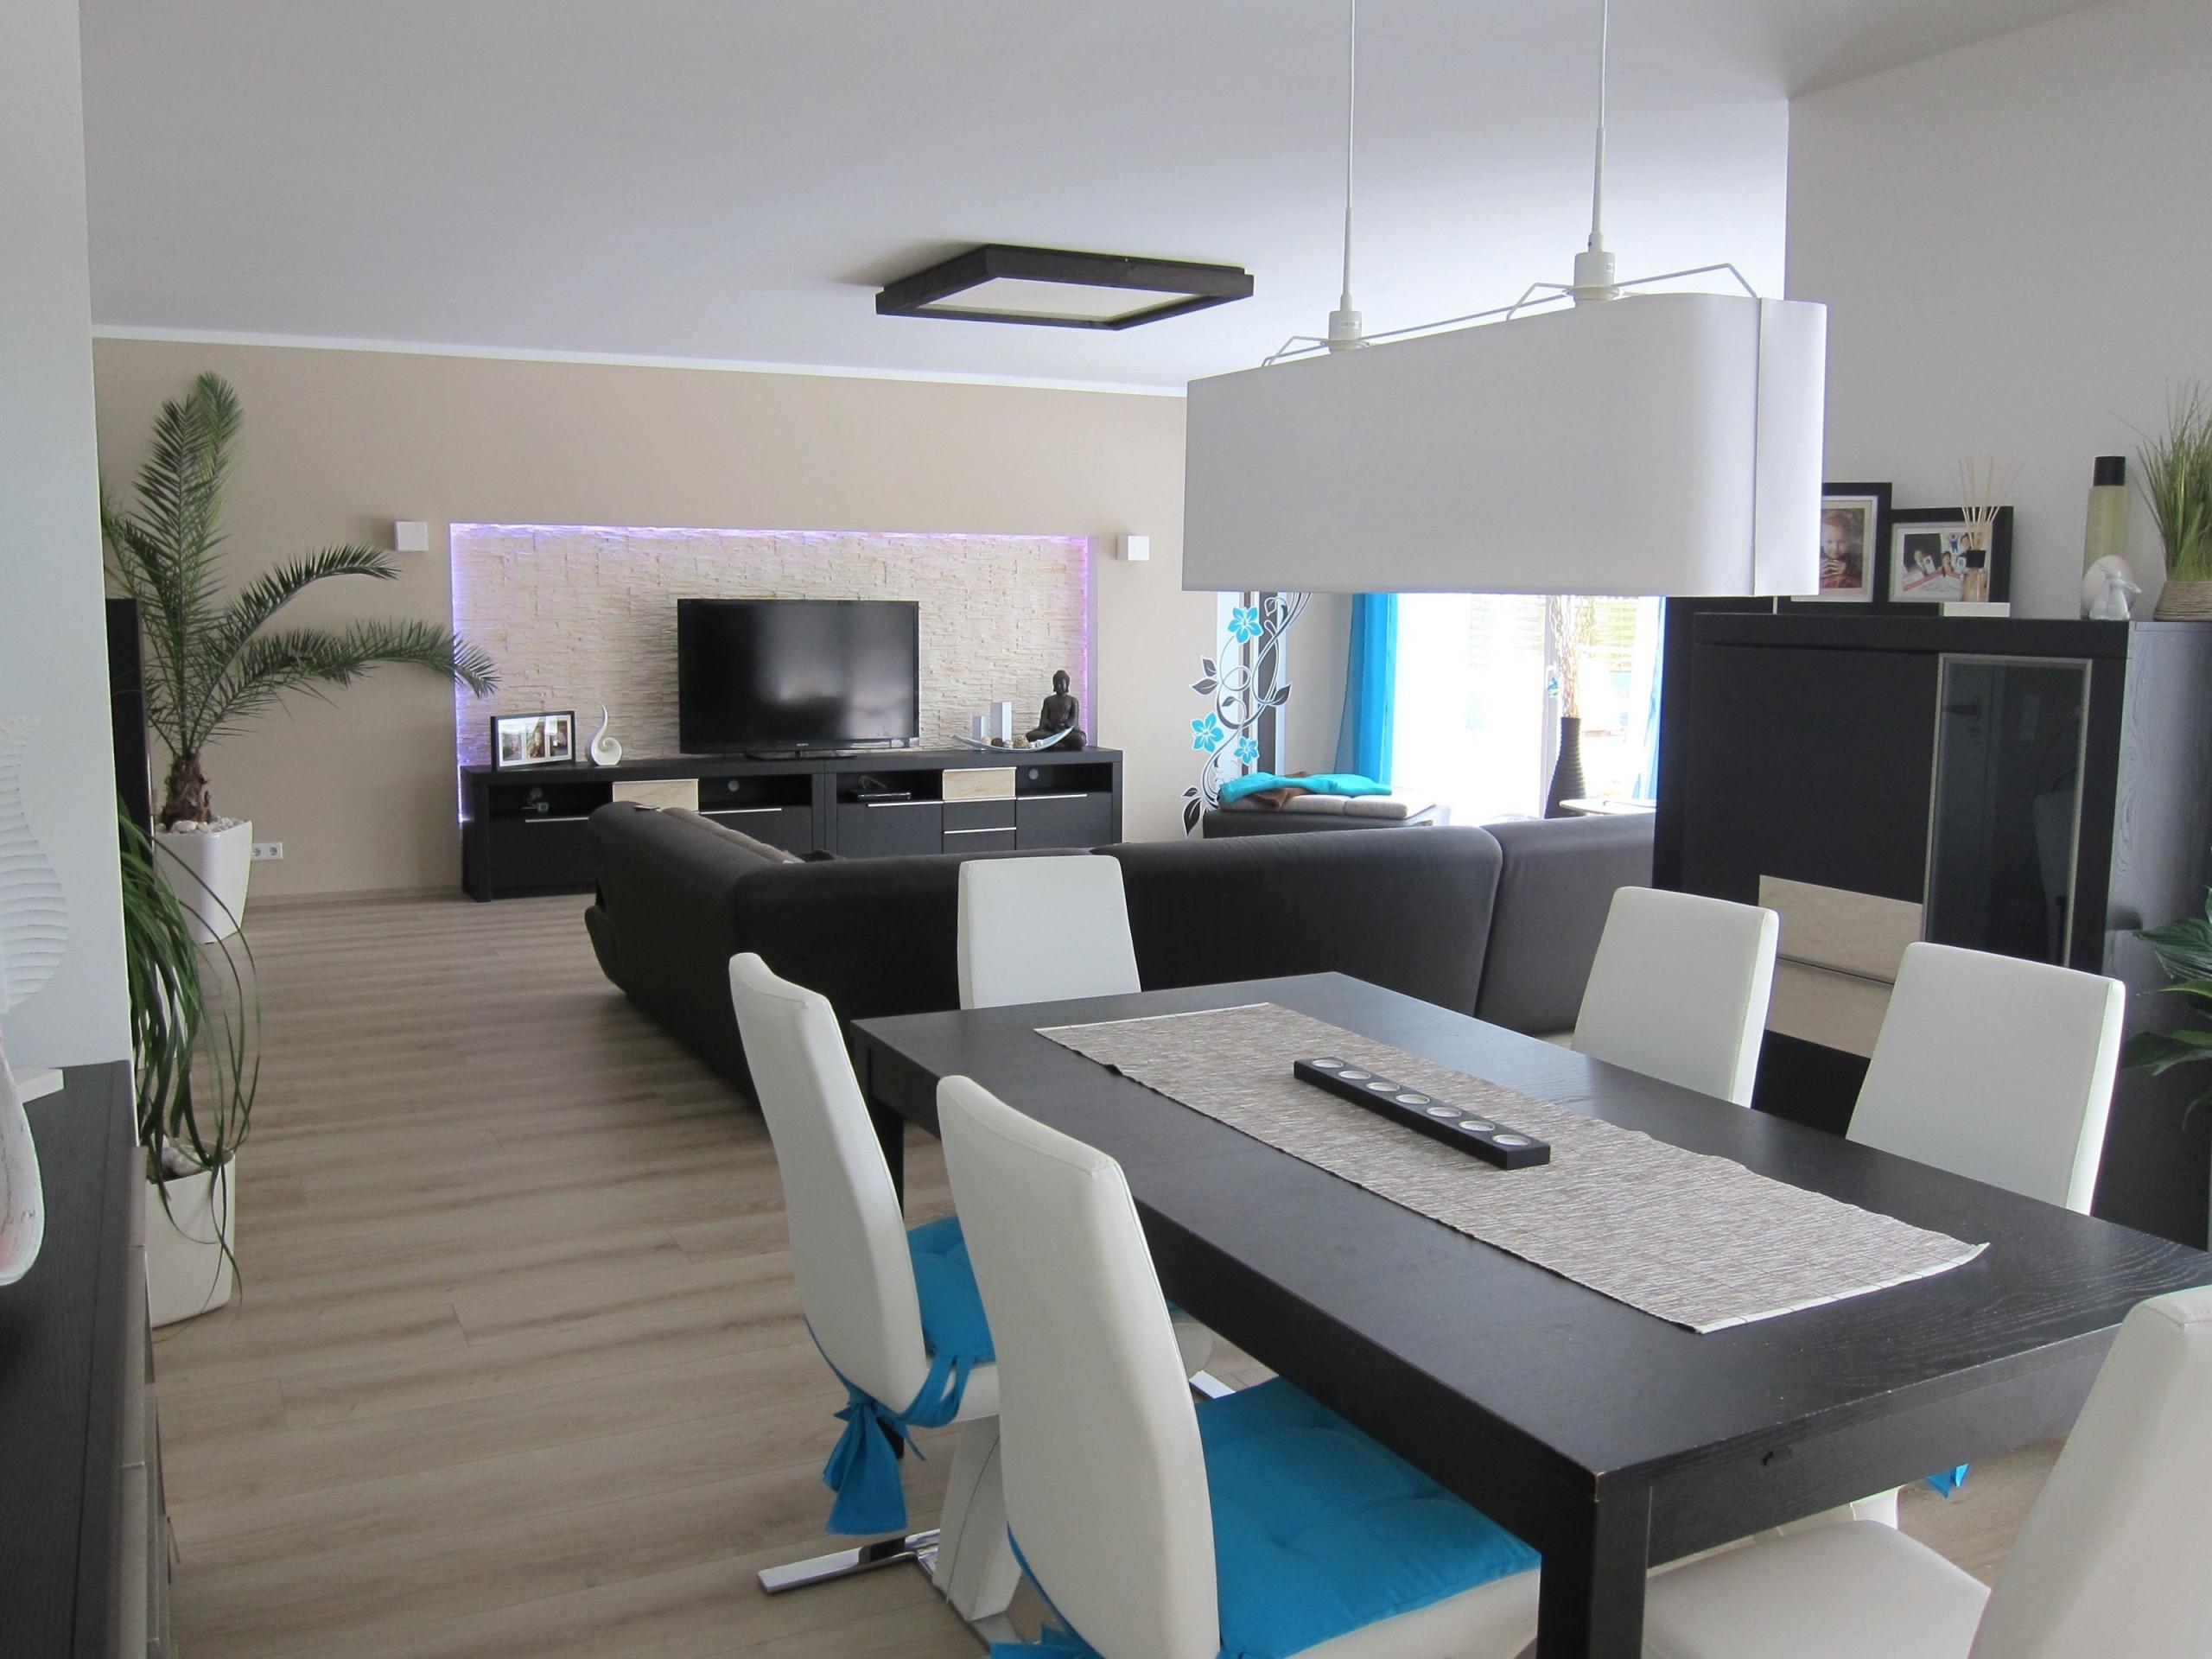 Wohn Und Esszimmer Einrichtungsideen – Caseconrad von Wohnzimmer Mit Essbereich Ideen Bild